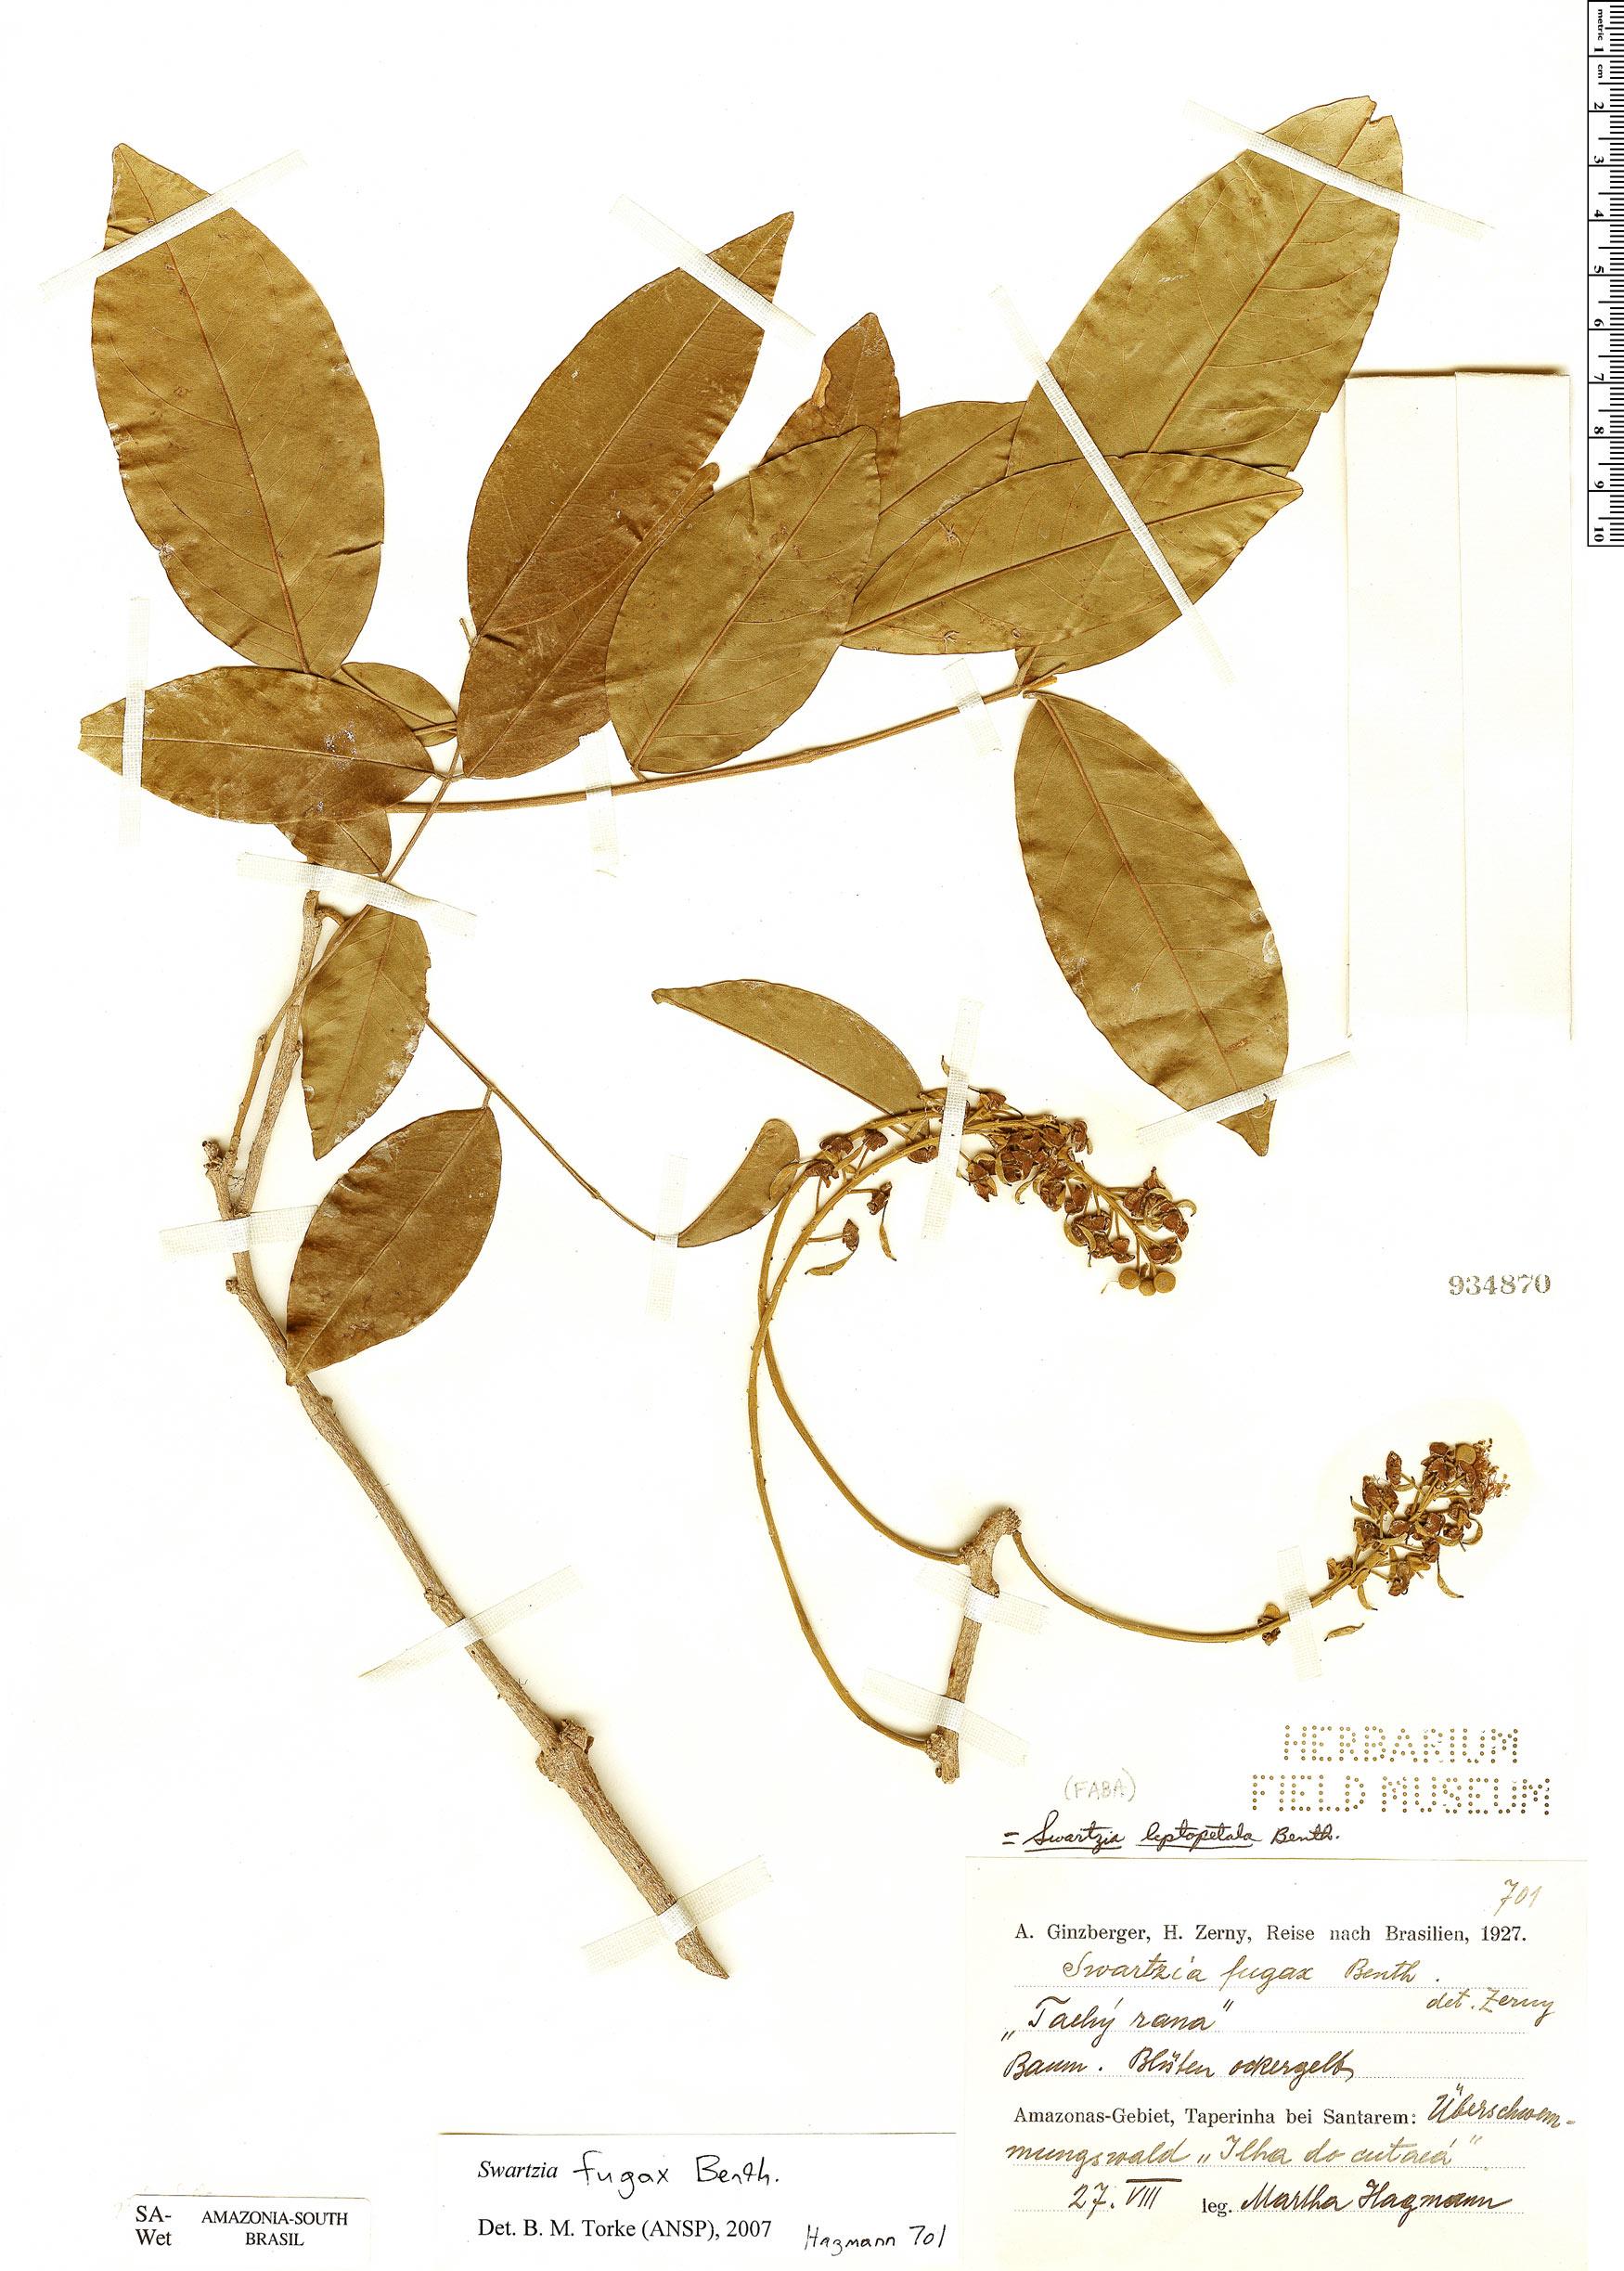 Espécimen: Swartzia fugax